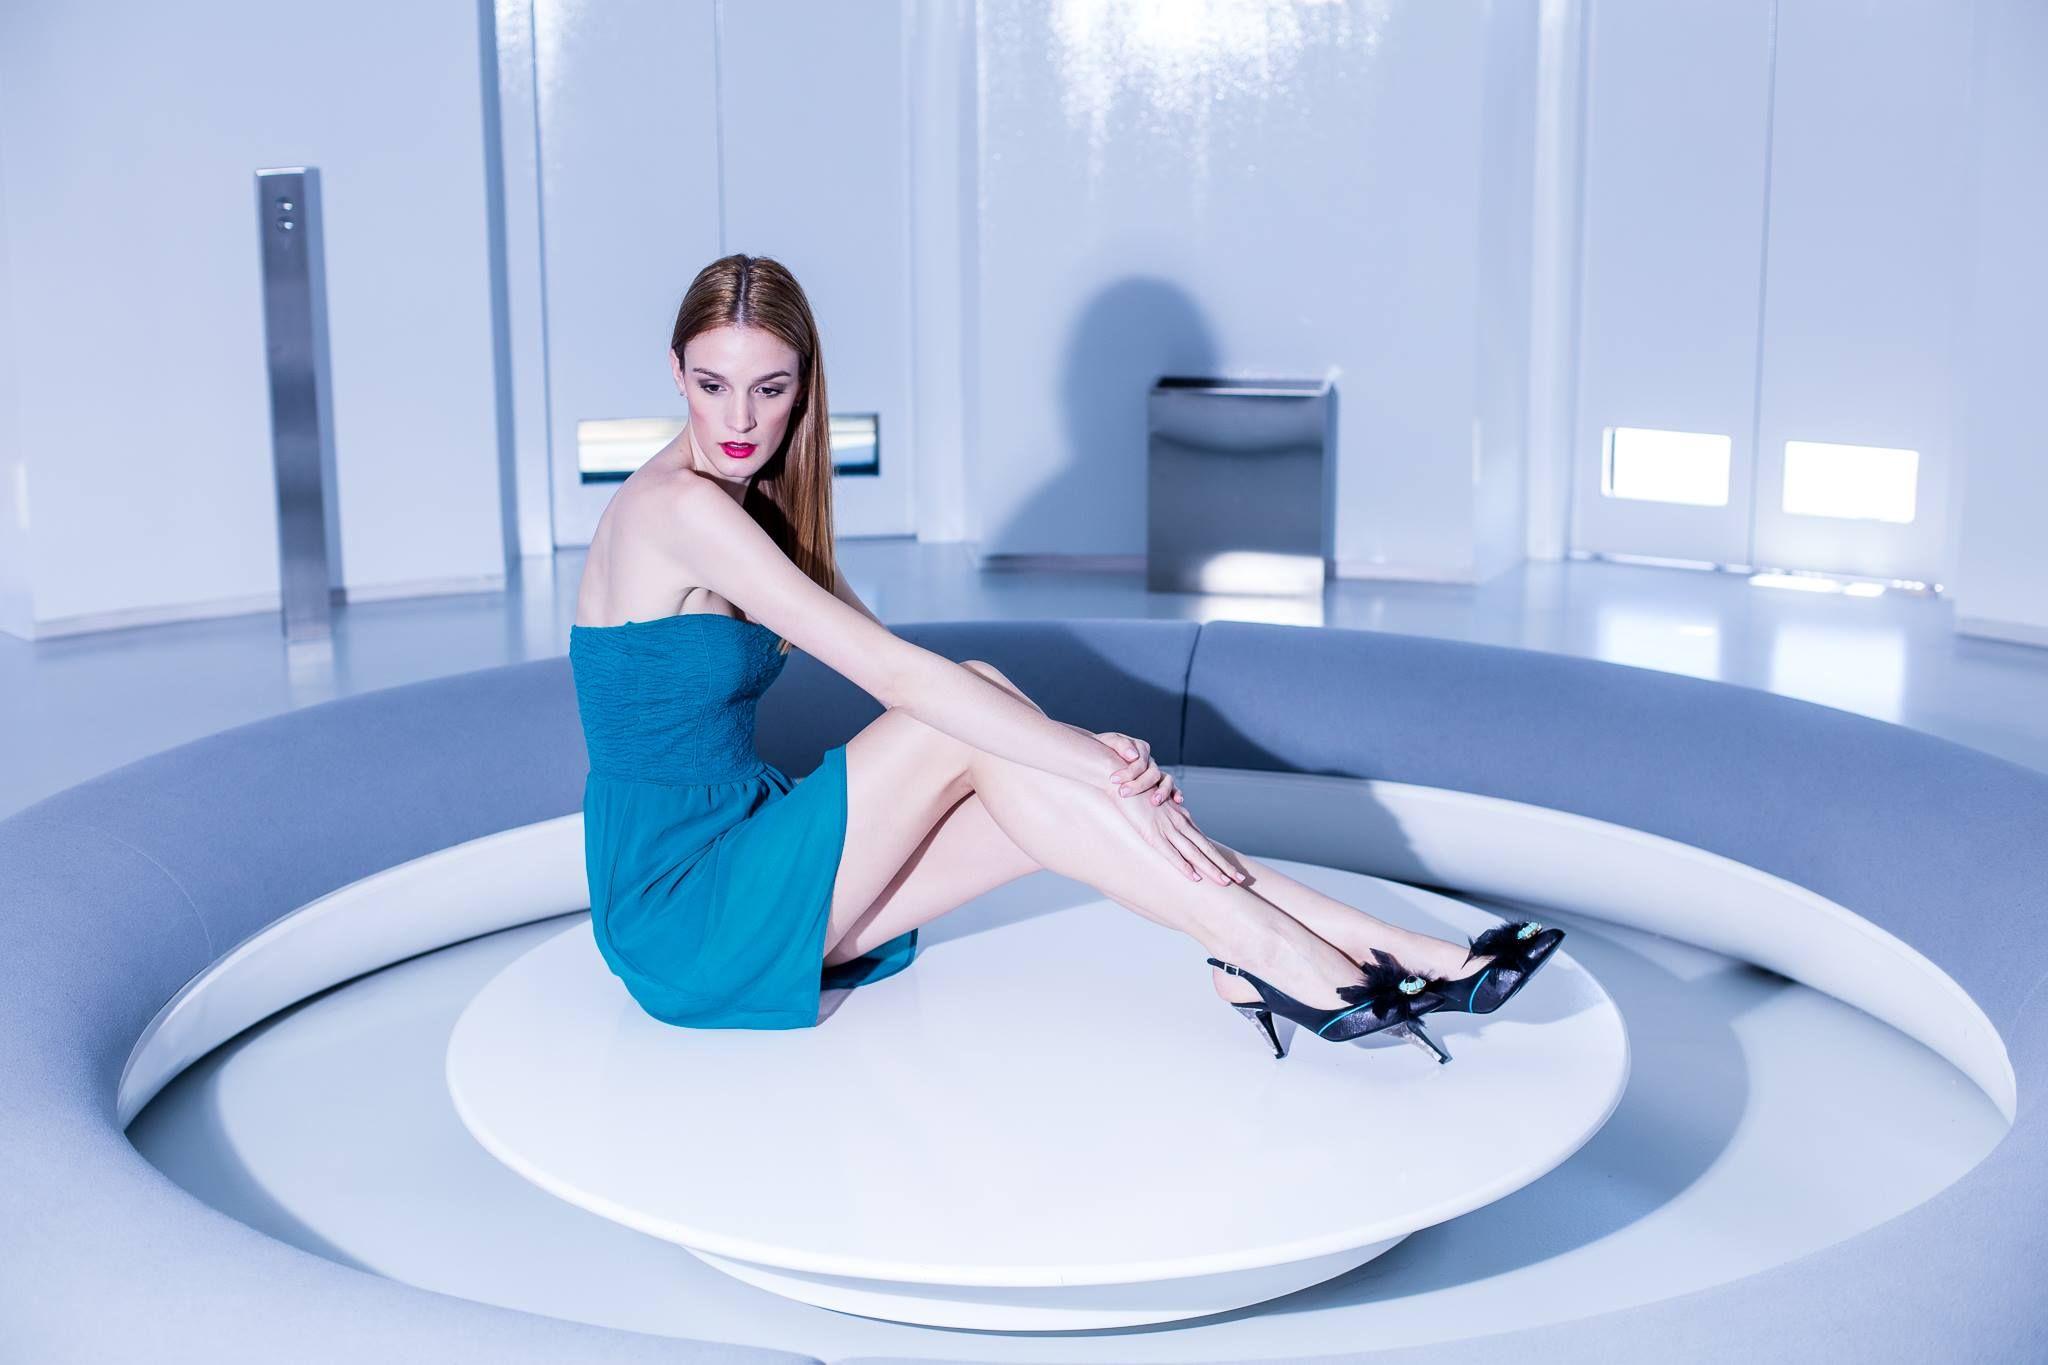 Situaciones Miss Garcia: El amor es sabiduría en los locos, y locura en los sabios. https://goo.gl/LeKuD2 #Cricket #LoveShoes #BestShoes #ICanFly #HandMade #LuxuryShoes #Liketkit #CoachBag #RedShoes #MarcaEspaña #MissGarcia #Envyration